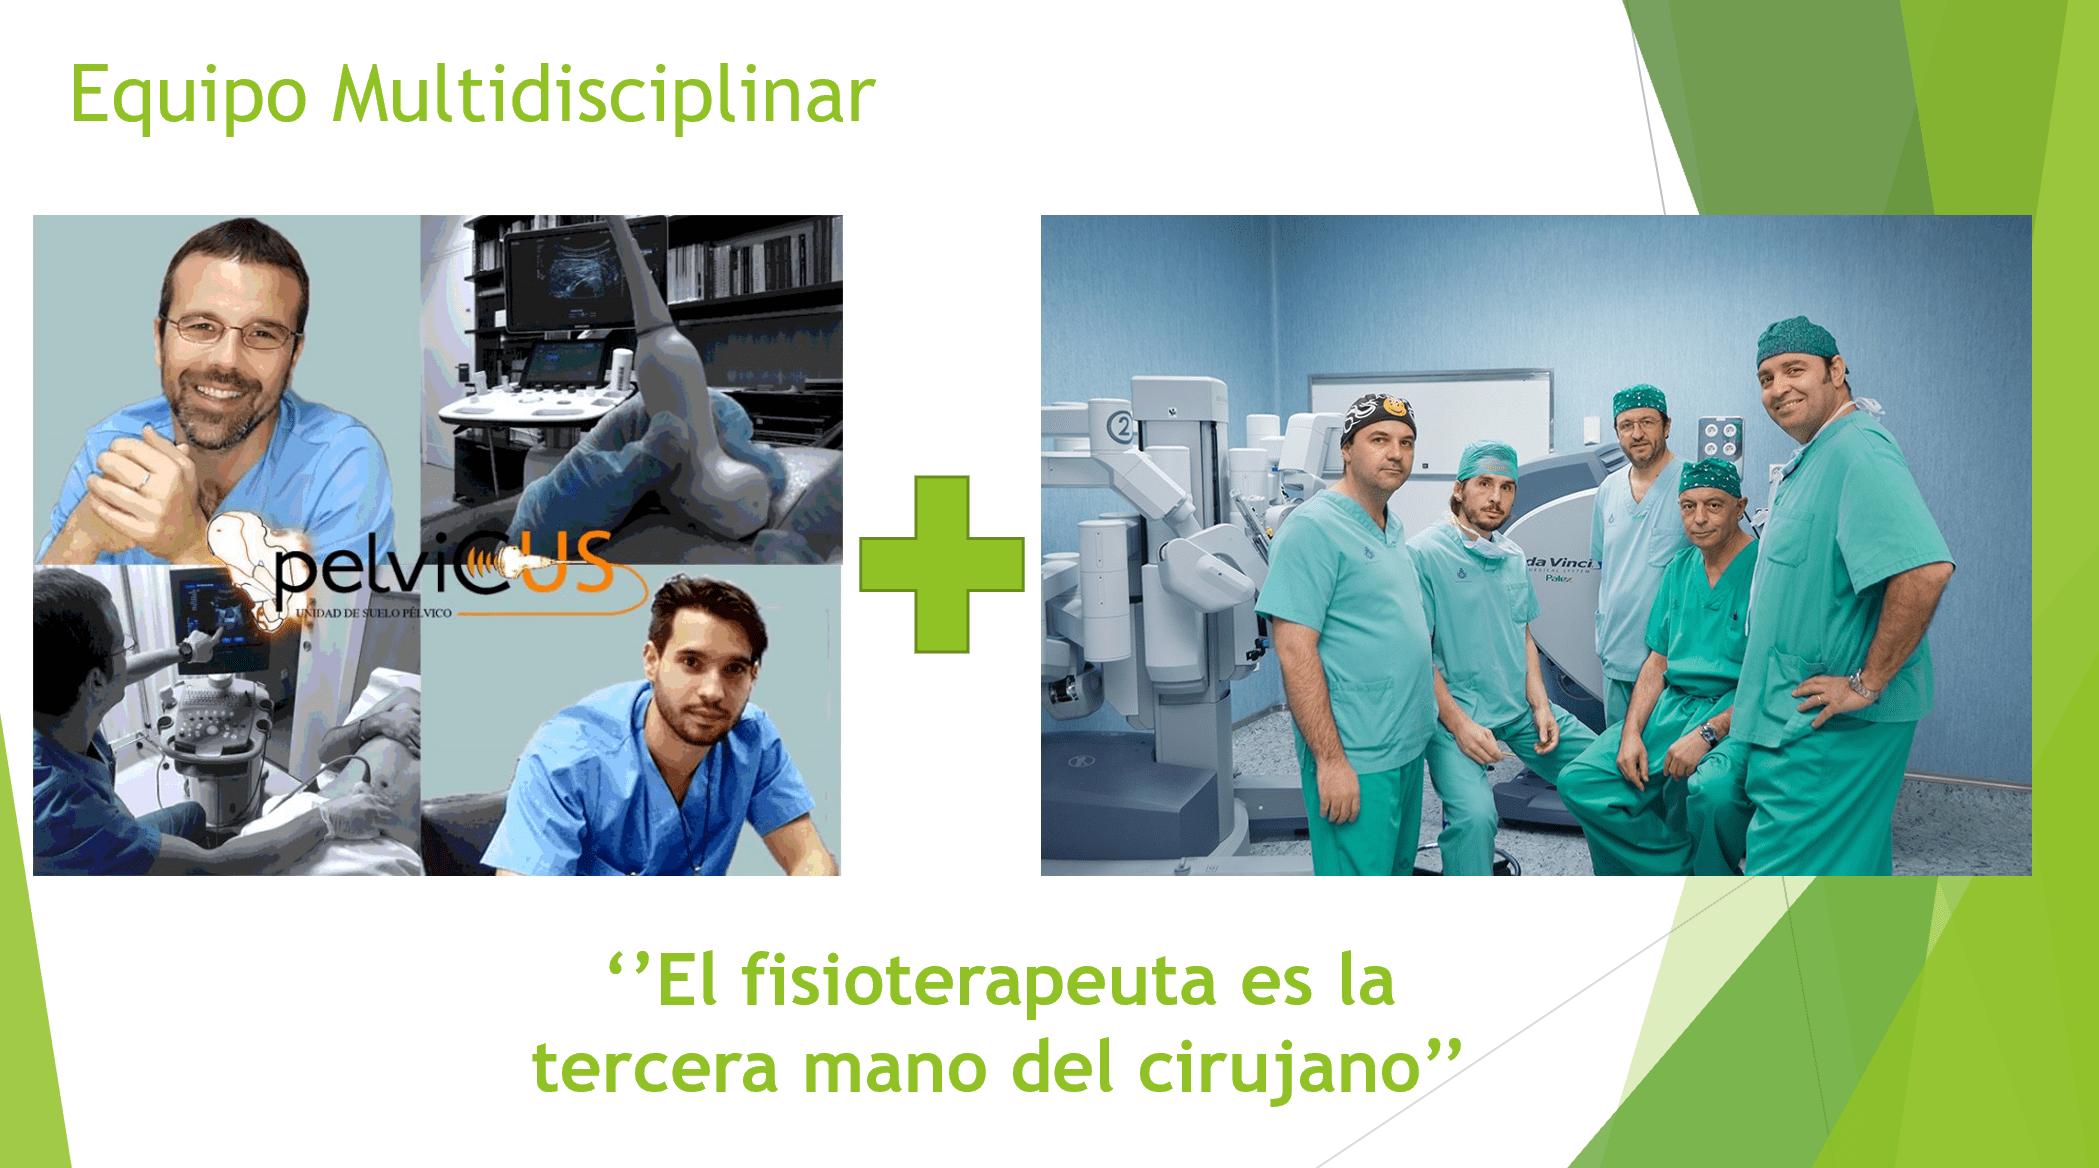 servicio de urología del Hospital San Rafael equipo multidisciplinar